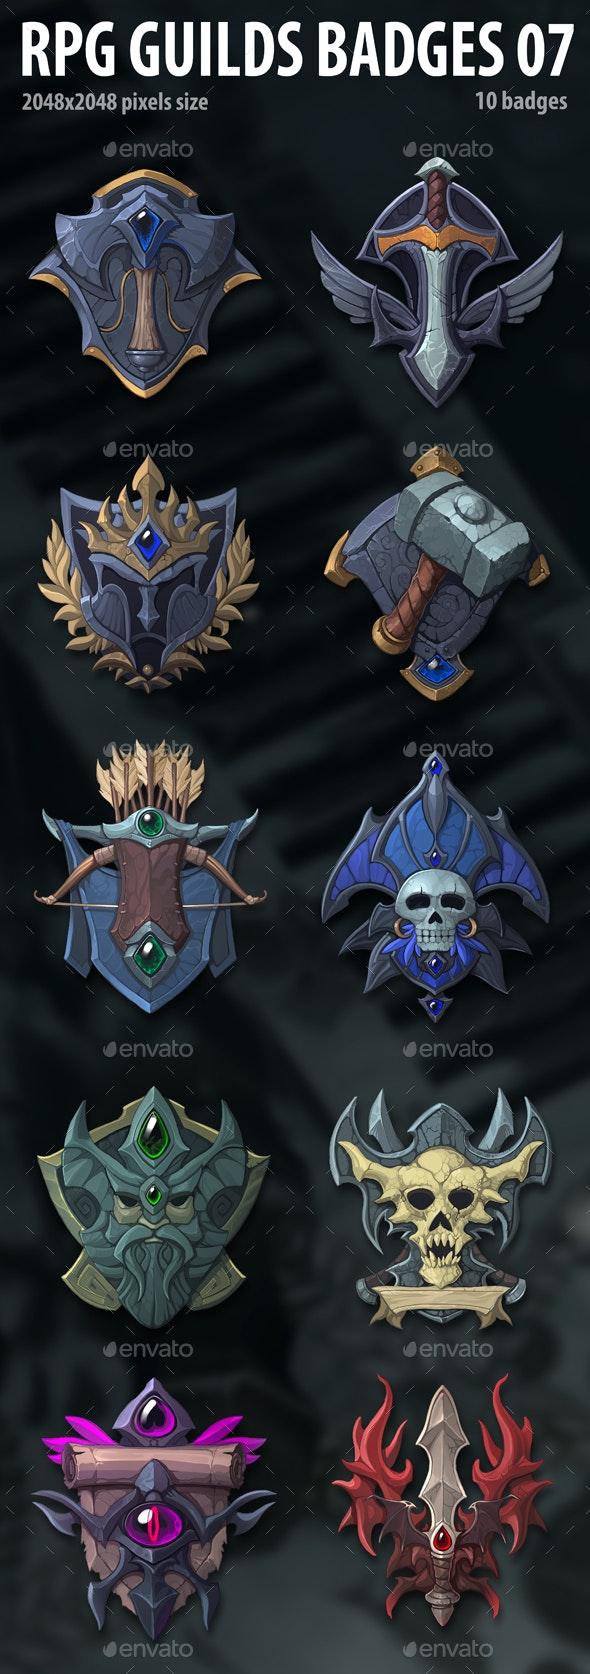 RPG Guilds Badges 07